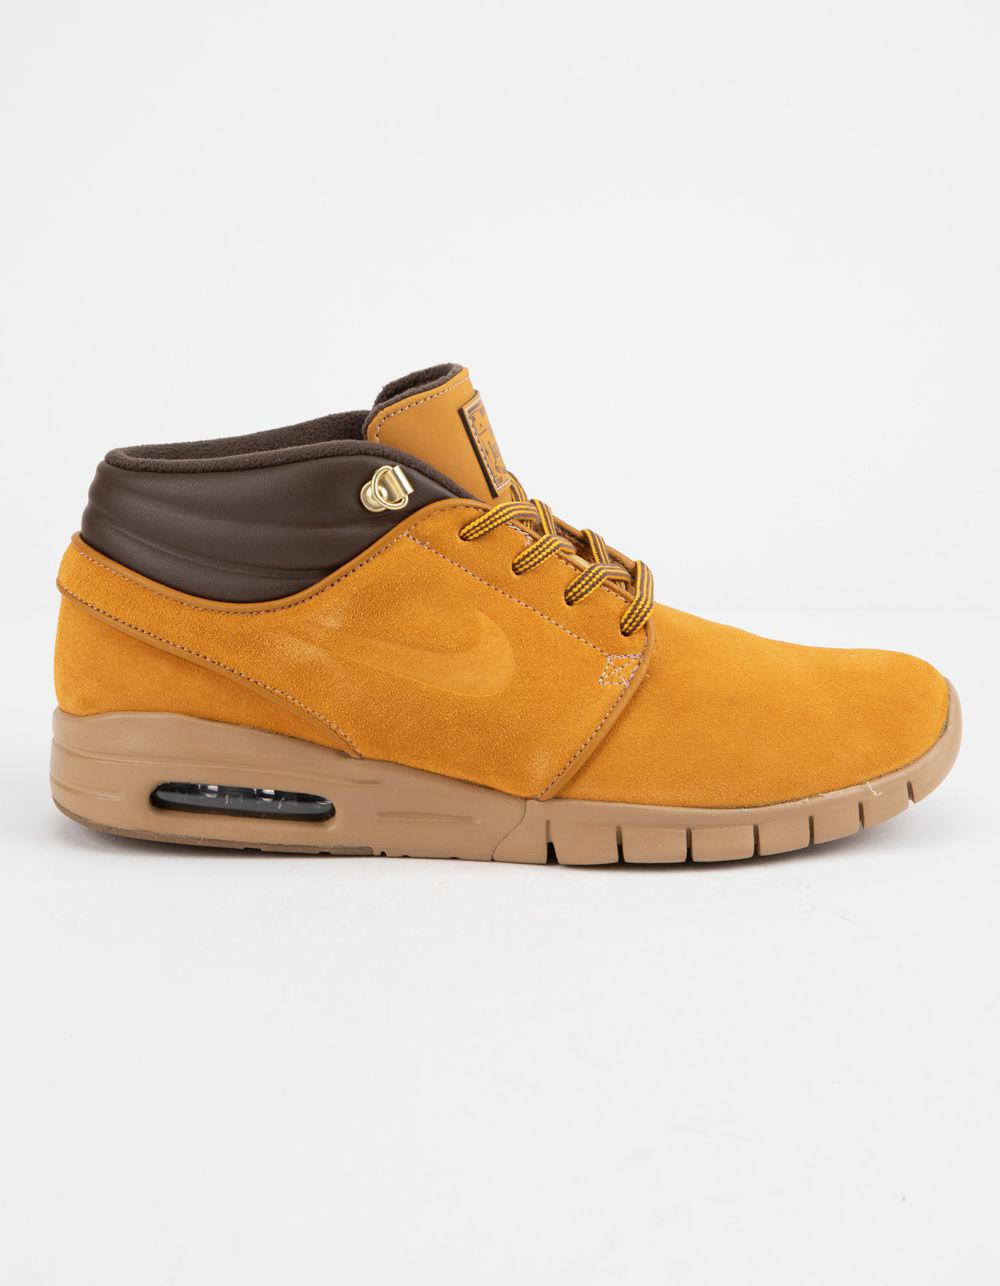 472b1ff06d Nike Stefan Janoski Max Mid Premium Shoes - Lyst